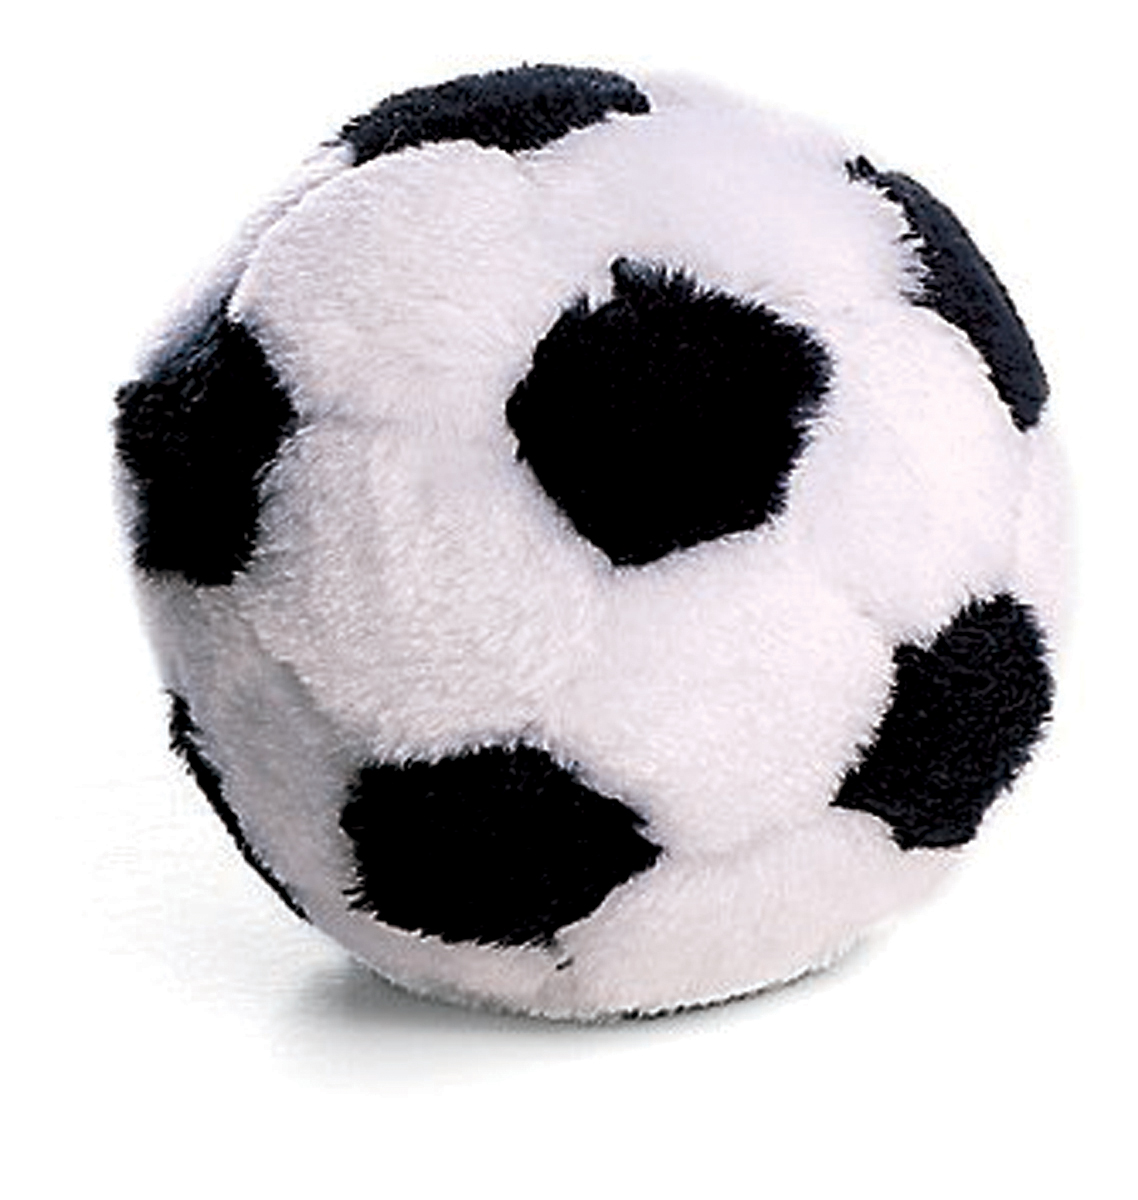 Pluszowa piłka futbolowa dla psa #4225